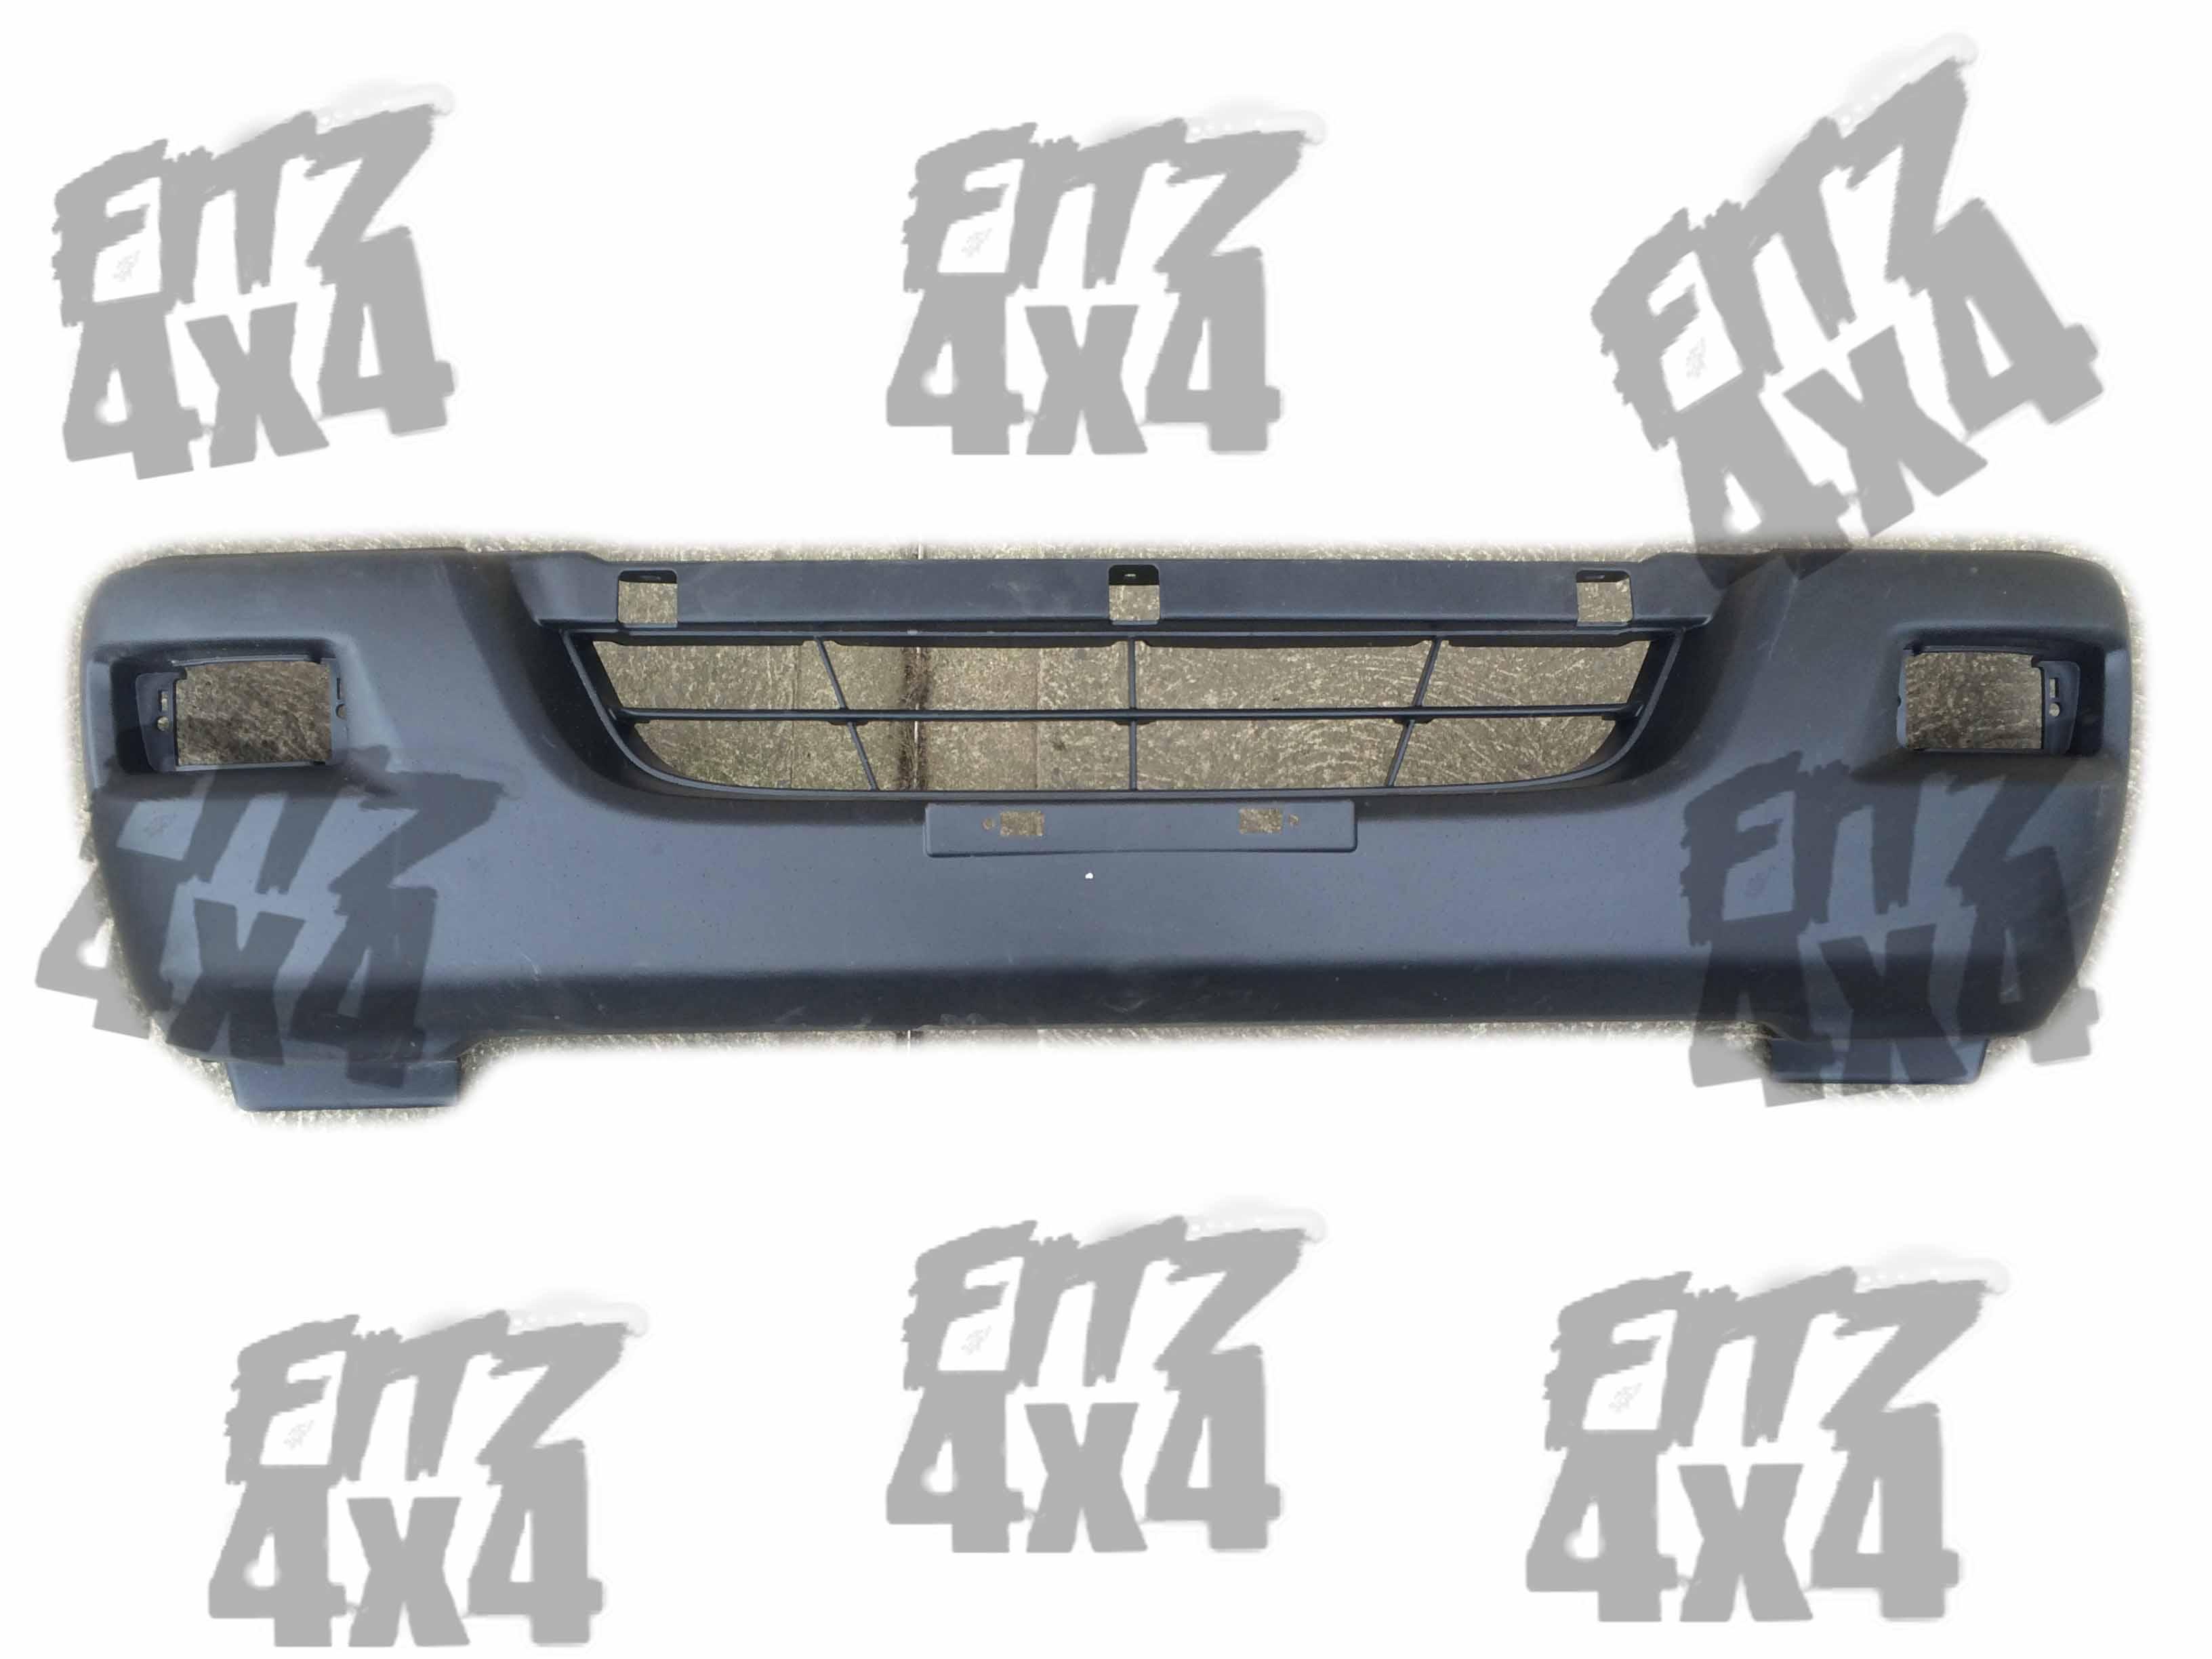 Isuzu D-Max Front Bumper (2)